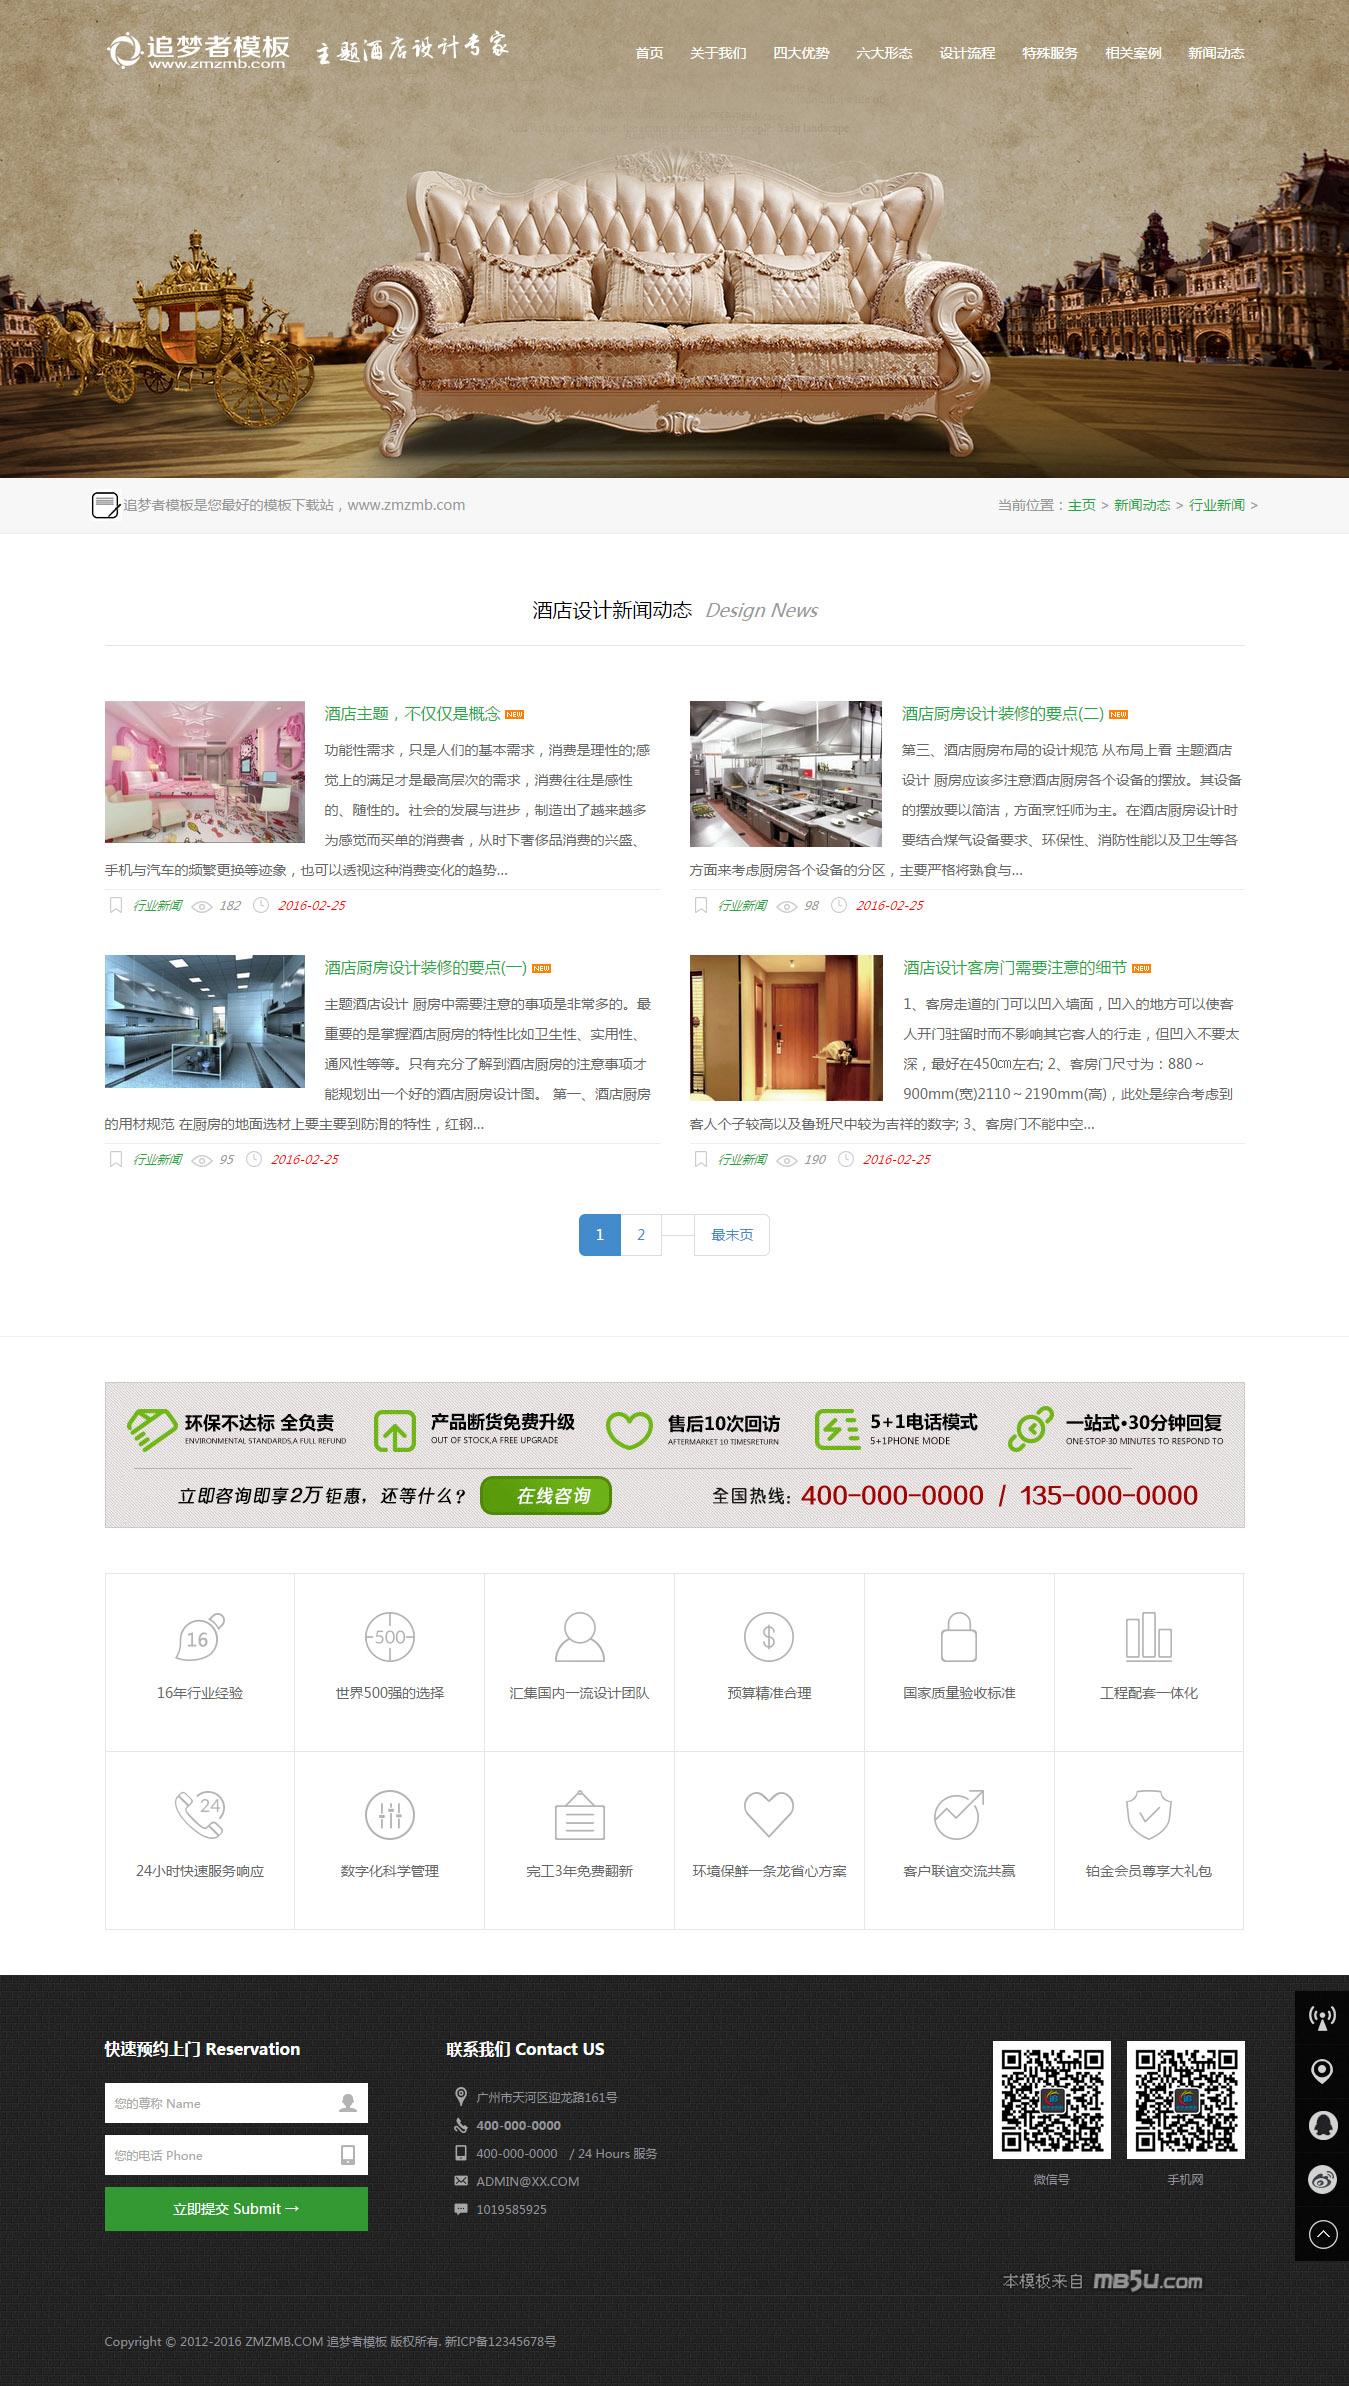 5响应式自适应酒店设计室内设计装饰公司网站模板